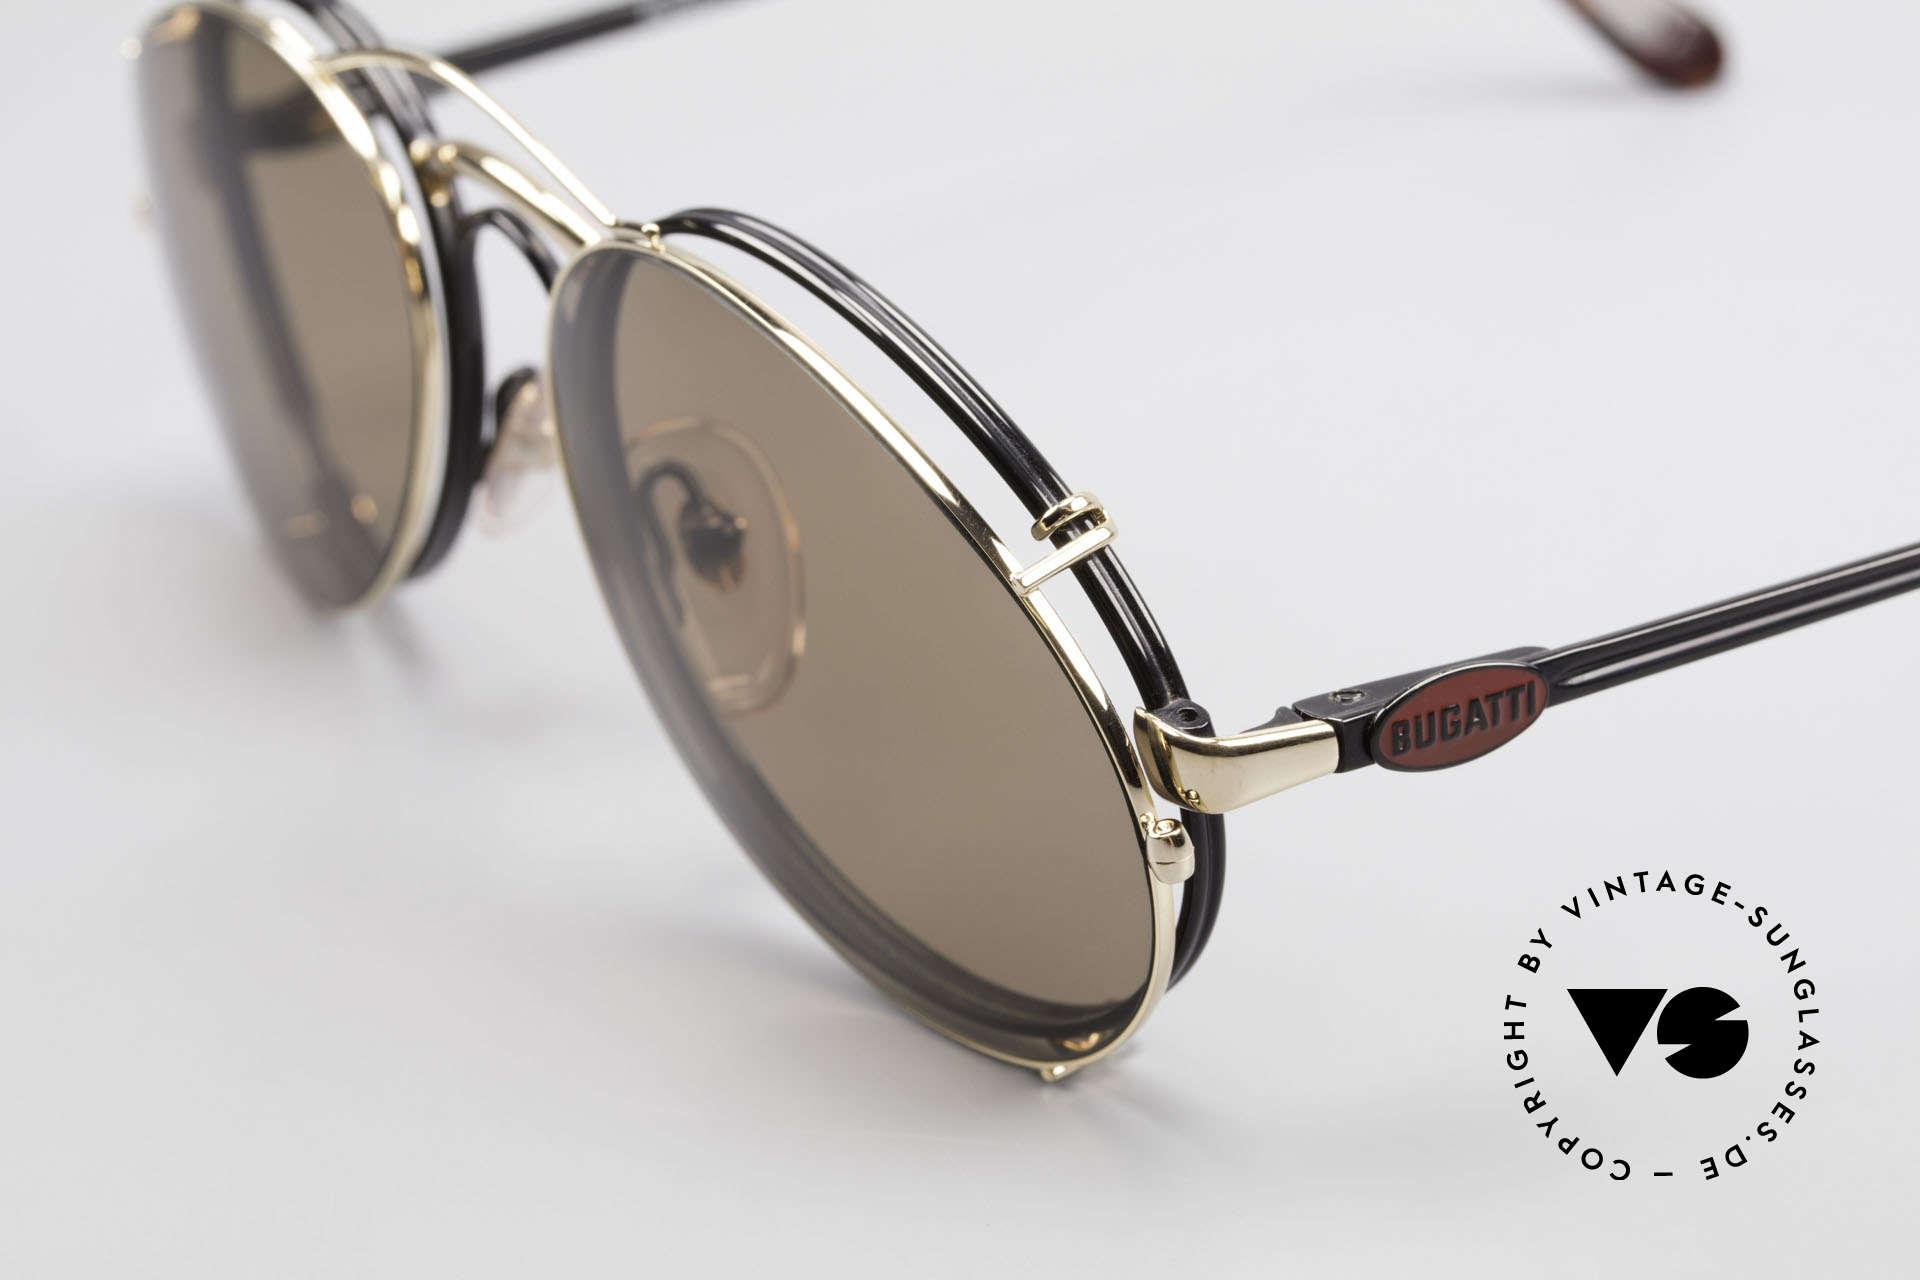 Bugatti 03326 Men's 80's Eyeglasses Clip On, very noble: black frame, red Bugatti logo, golden clip, Made for Men